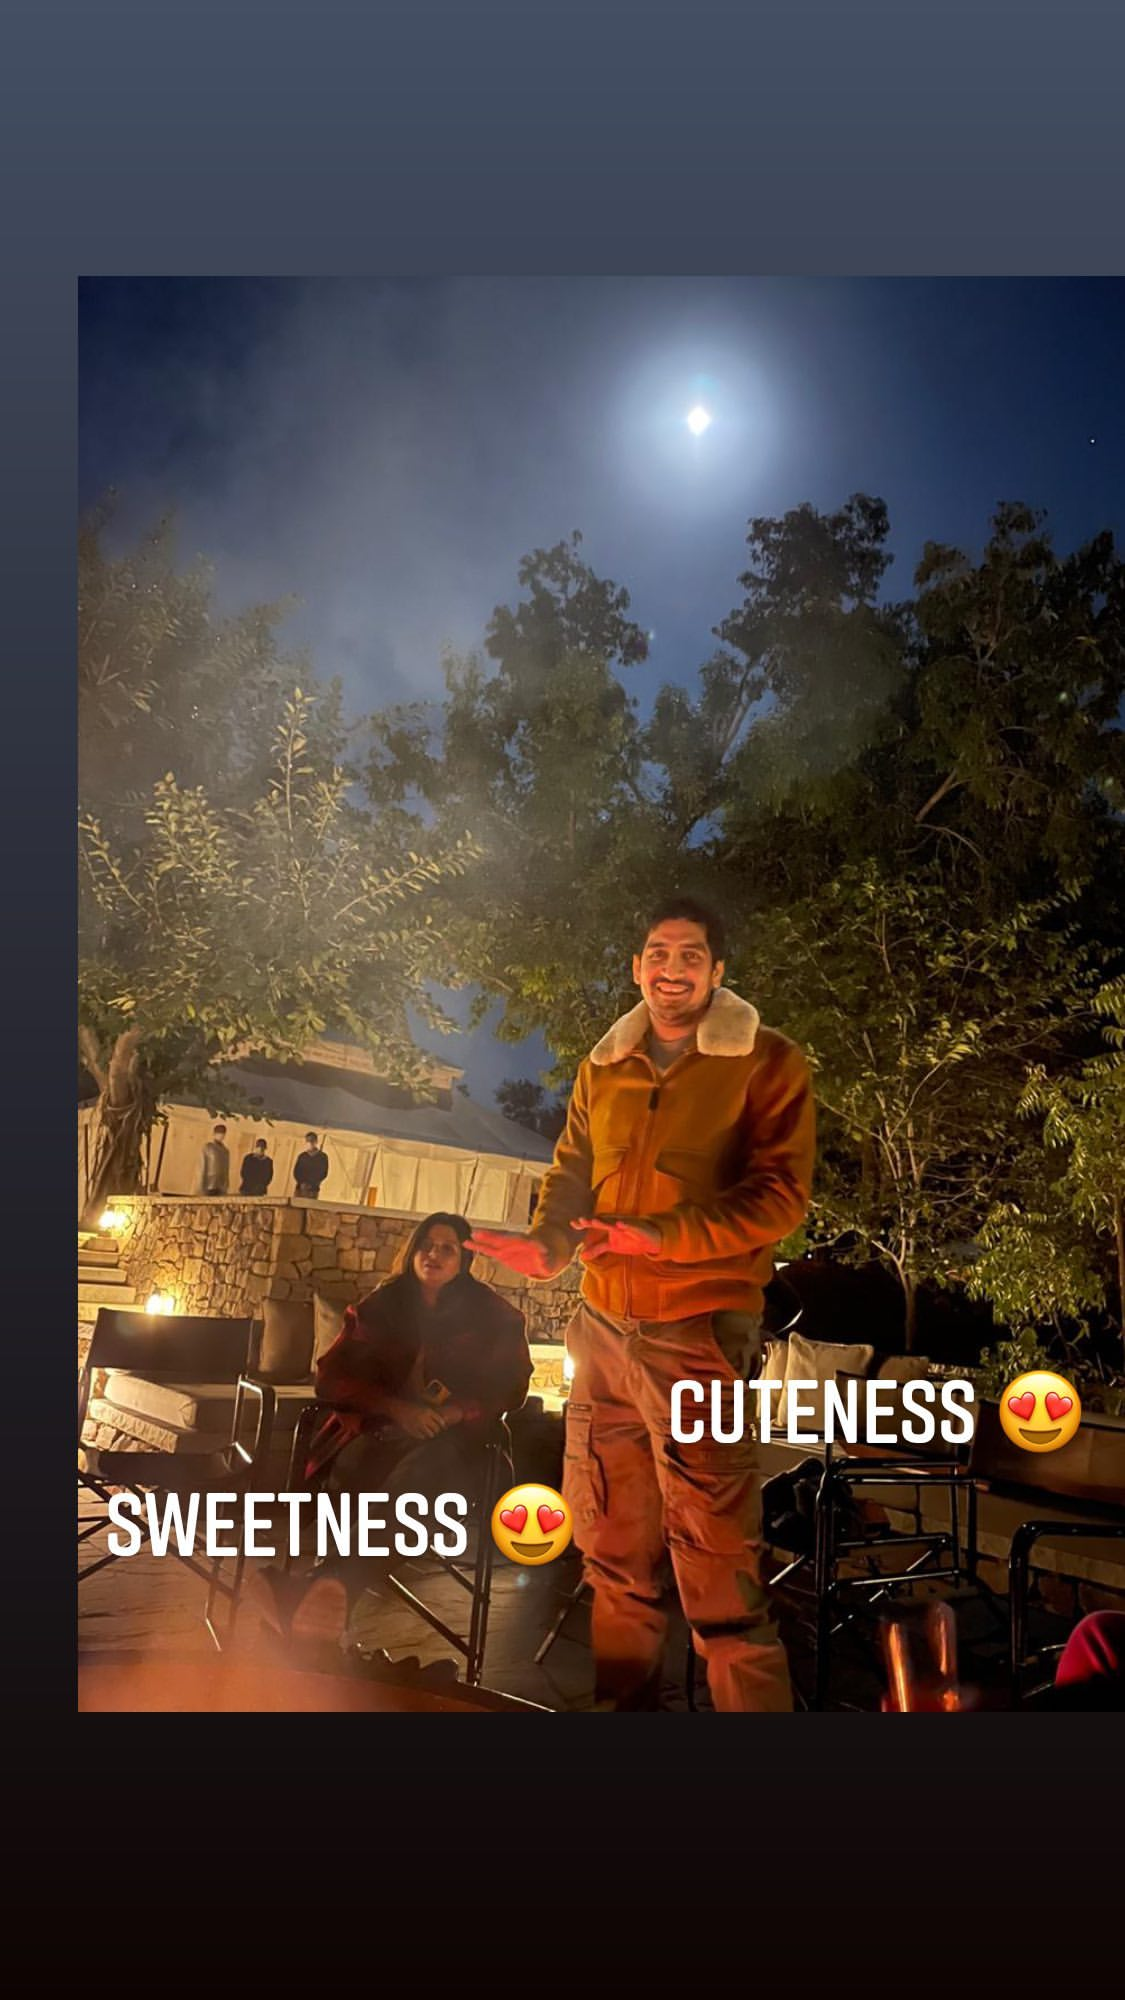 PICS: Ranbir Kapoor's Mom Neetu Singh Chills With Alia Bhatt, Ayan Mukerji & Daughter Riddhima In Ranthambore